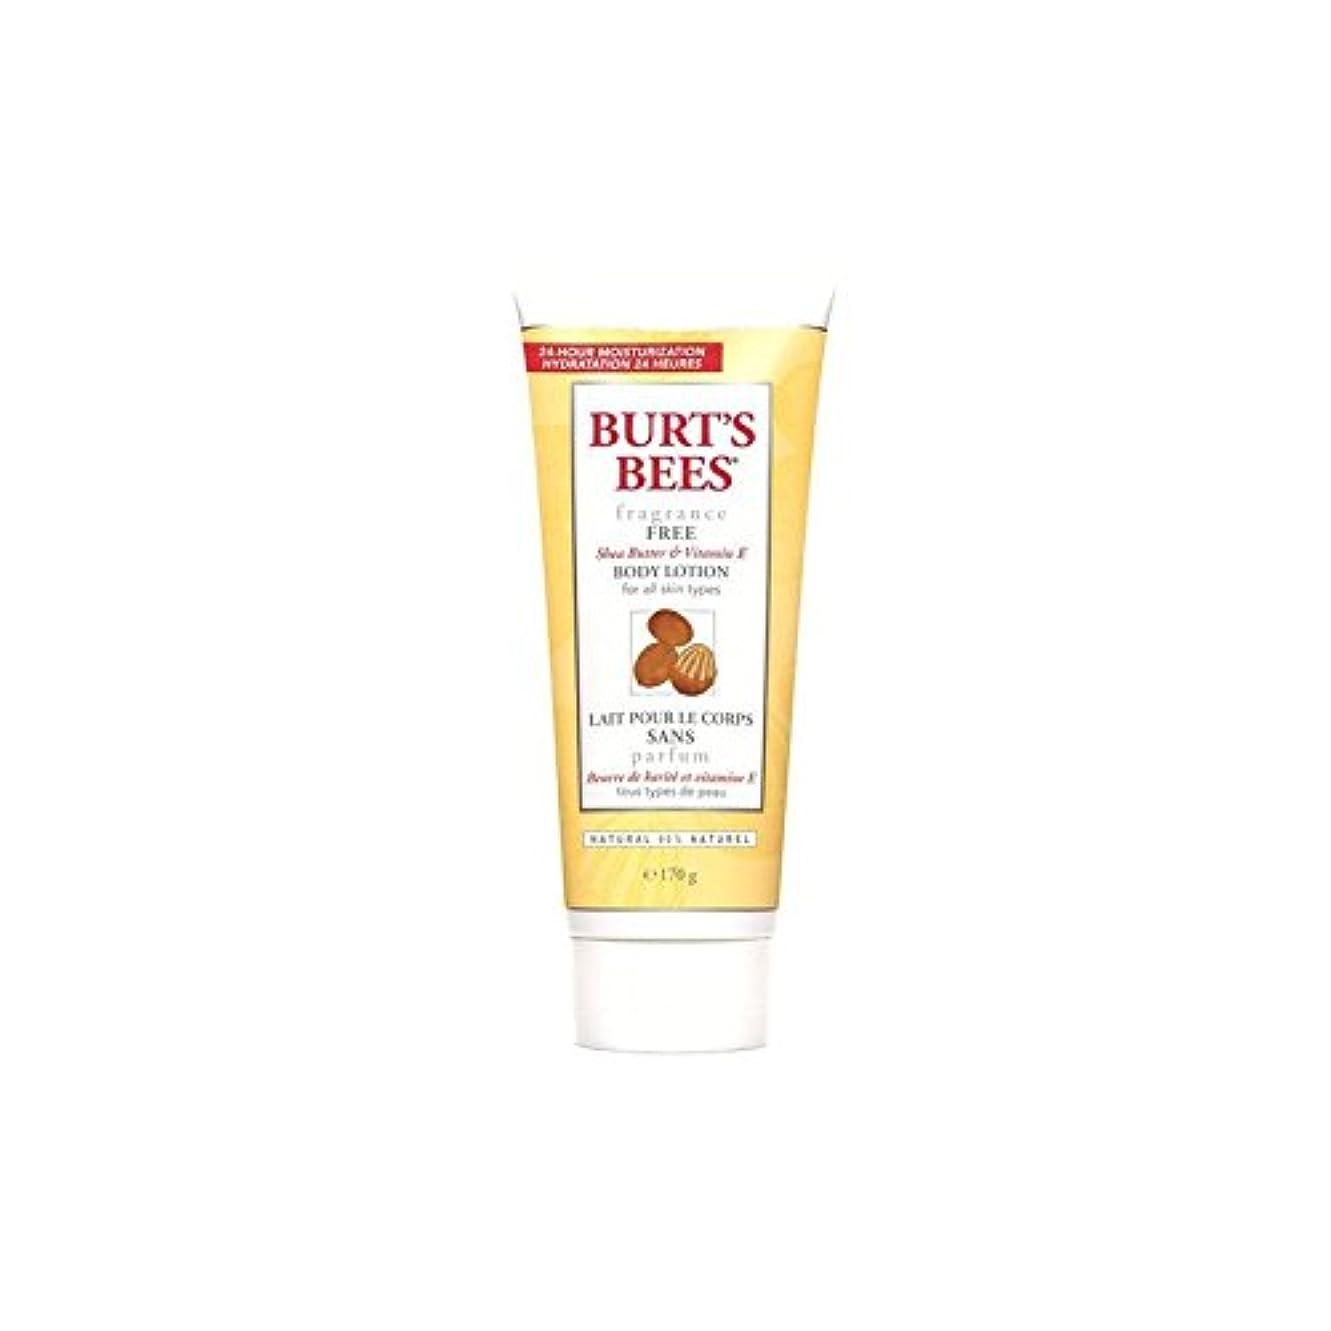 寄り添う悲しいベギンバーツビーボディローション - 無香料6オンス x4 - Burt's Bees Body Lotion - Fragrance Free 6fl oz (Pack of 4) [並行輸入品]